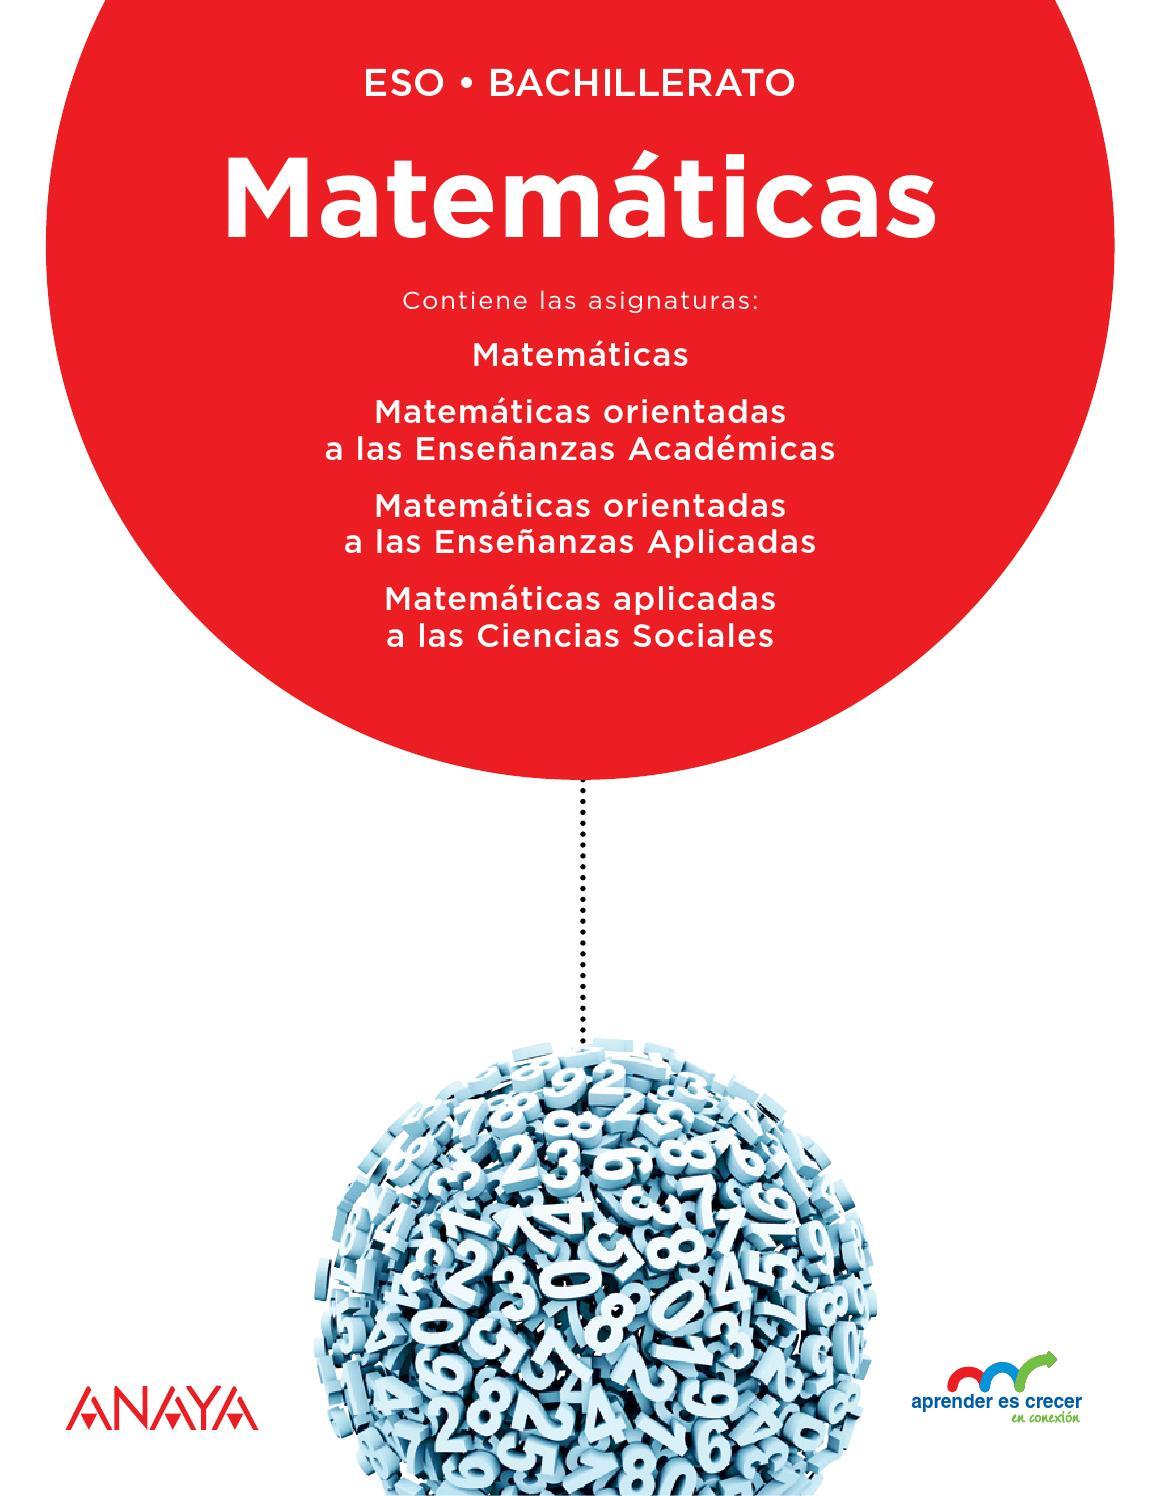 APRENDER ES CRECER EN CONEXIÓN: MATEMÁTICAS by Grupo Anaya